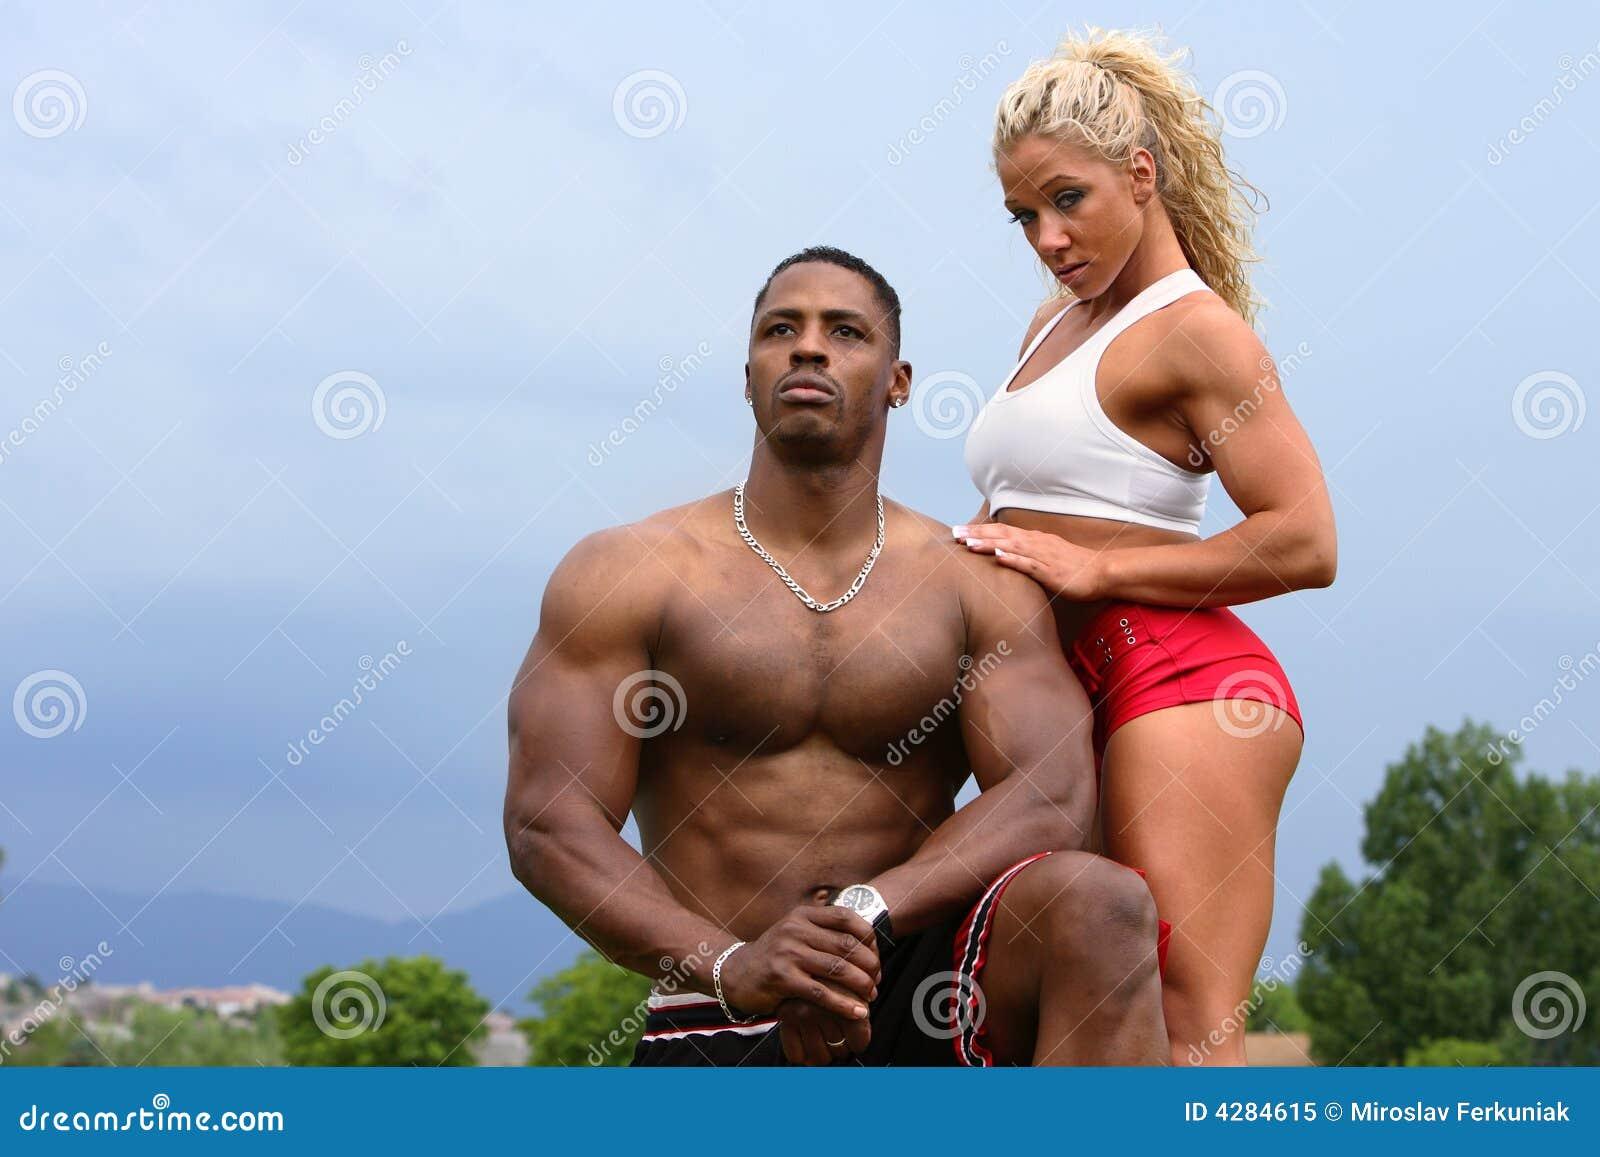 bodybuildingman